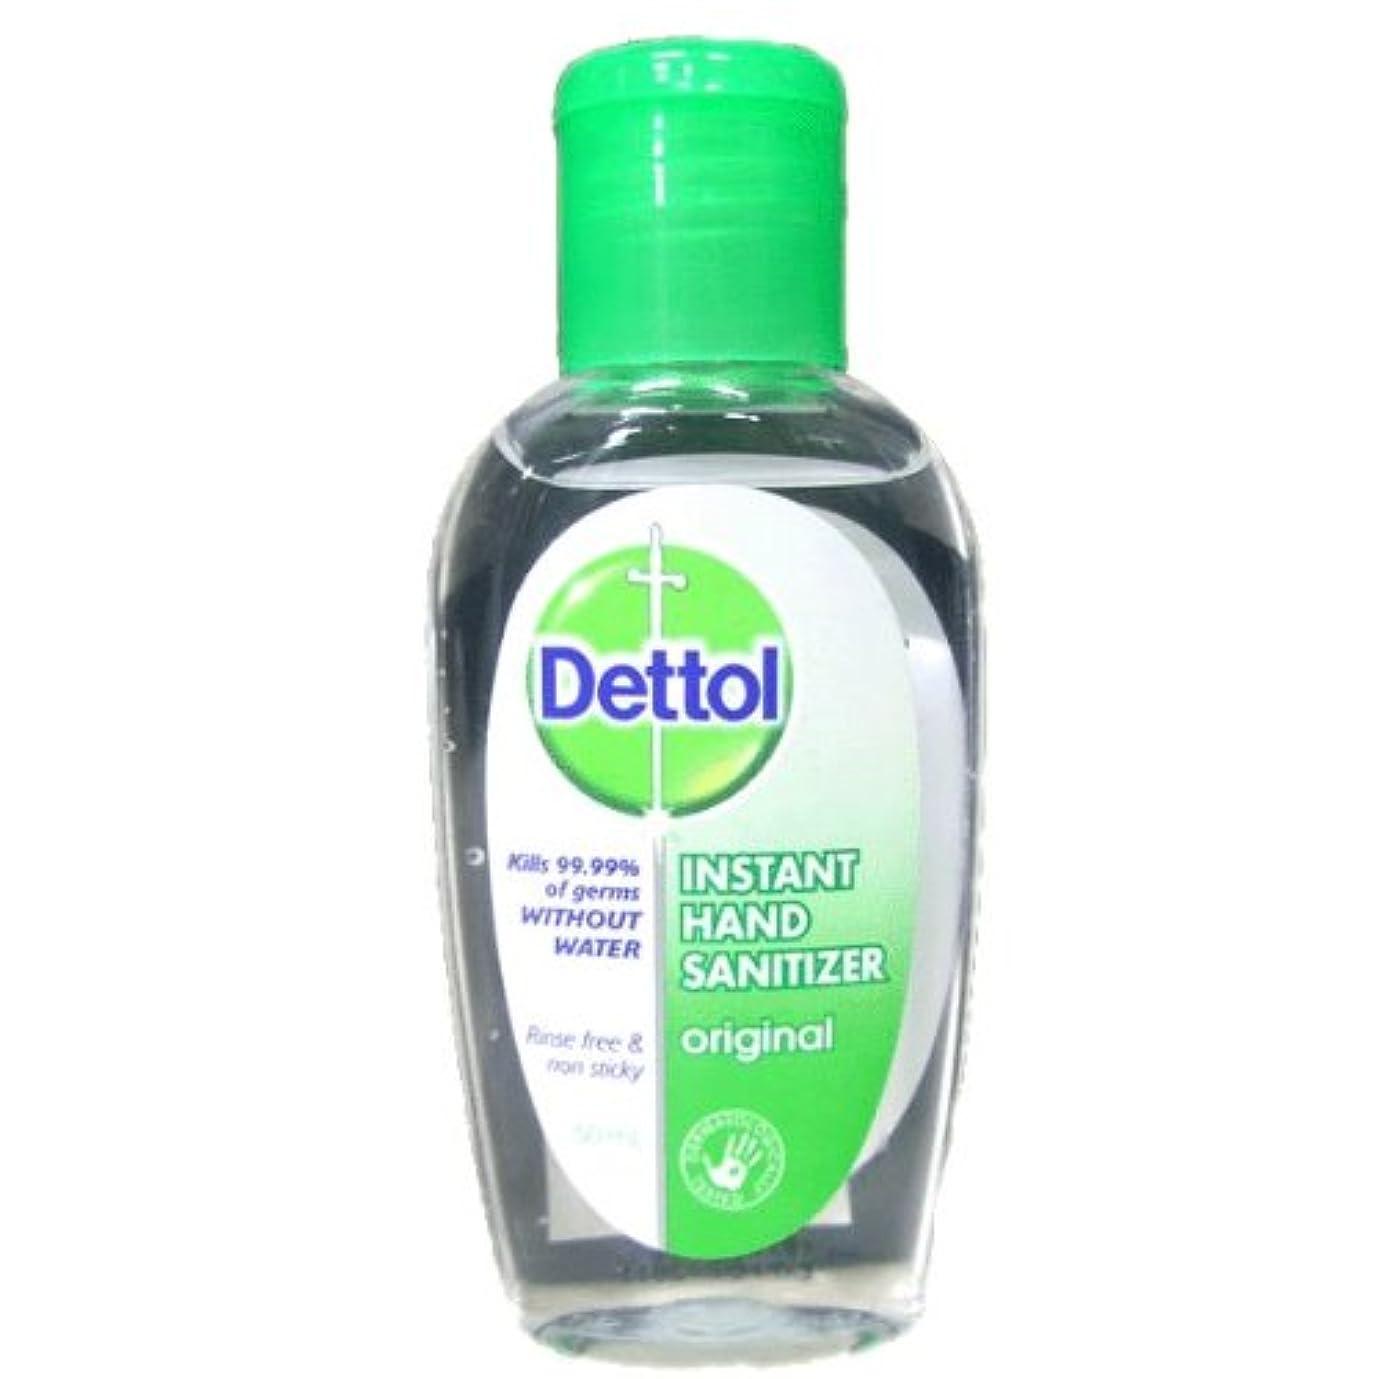 入手します未亡人感じるDettol instant hand sanitizer